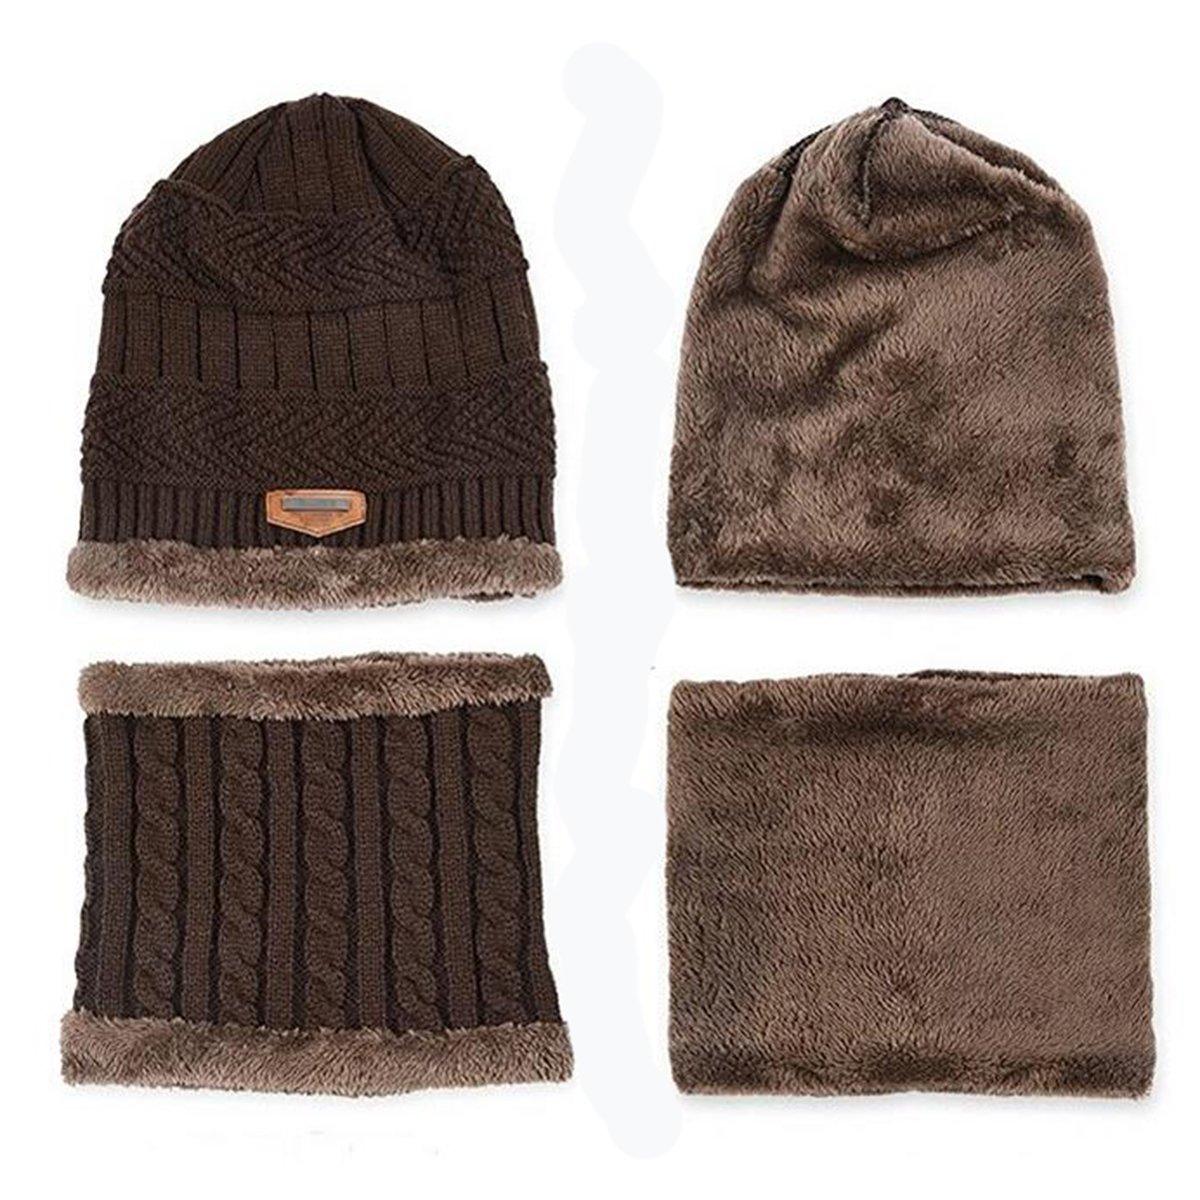 Bambini cappello e sciarpa Set 641fc712d10d